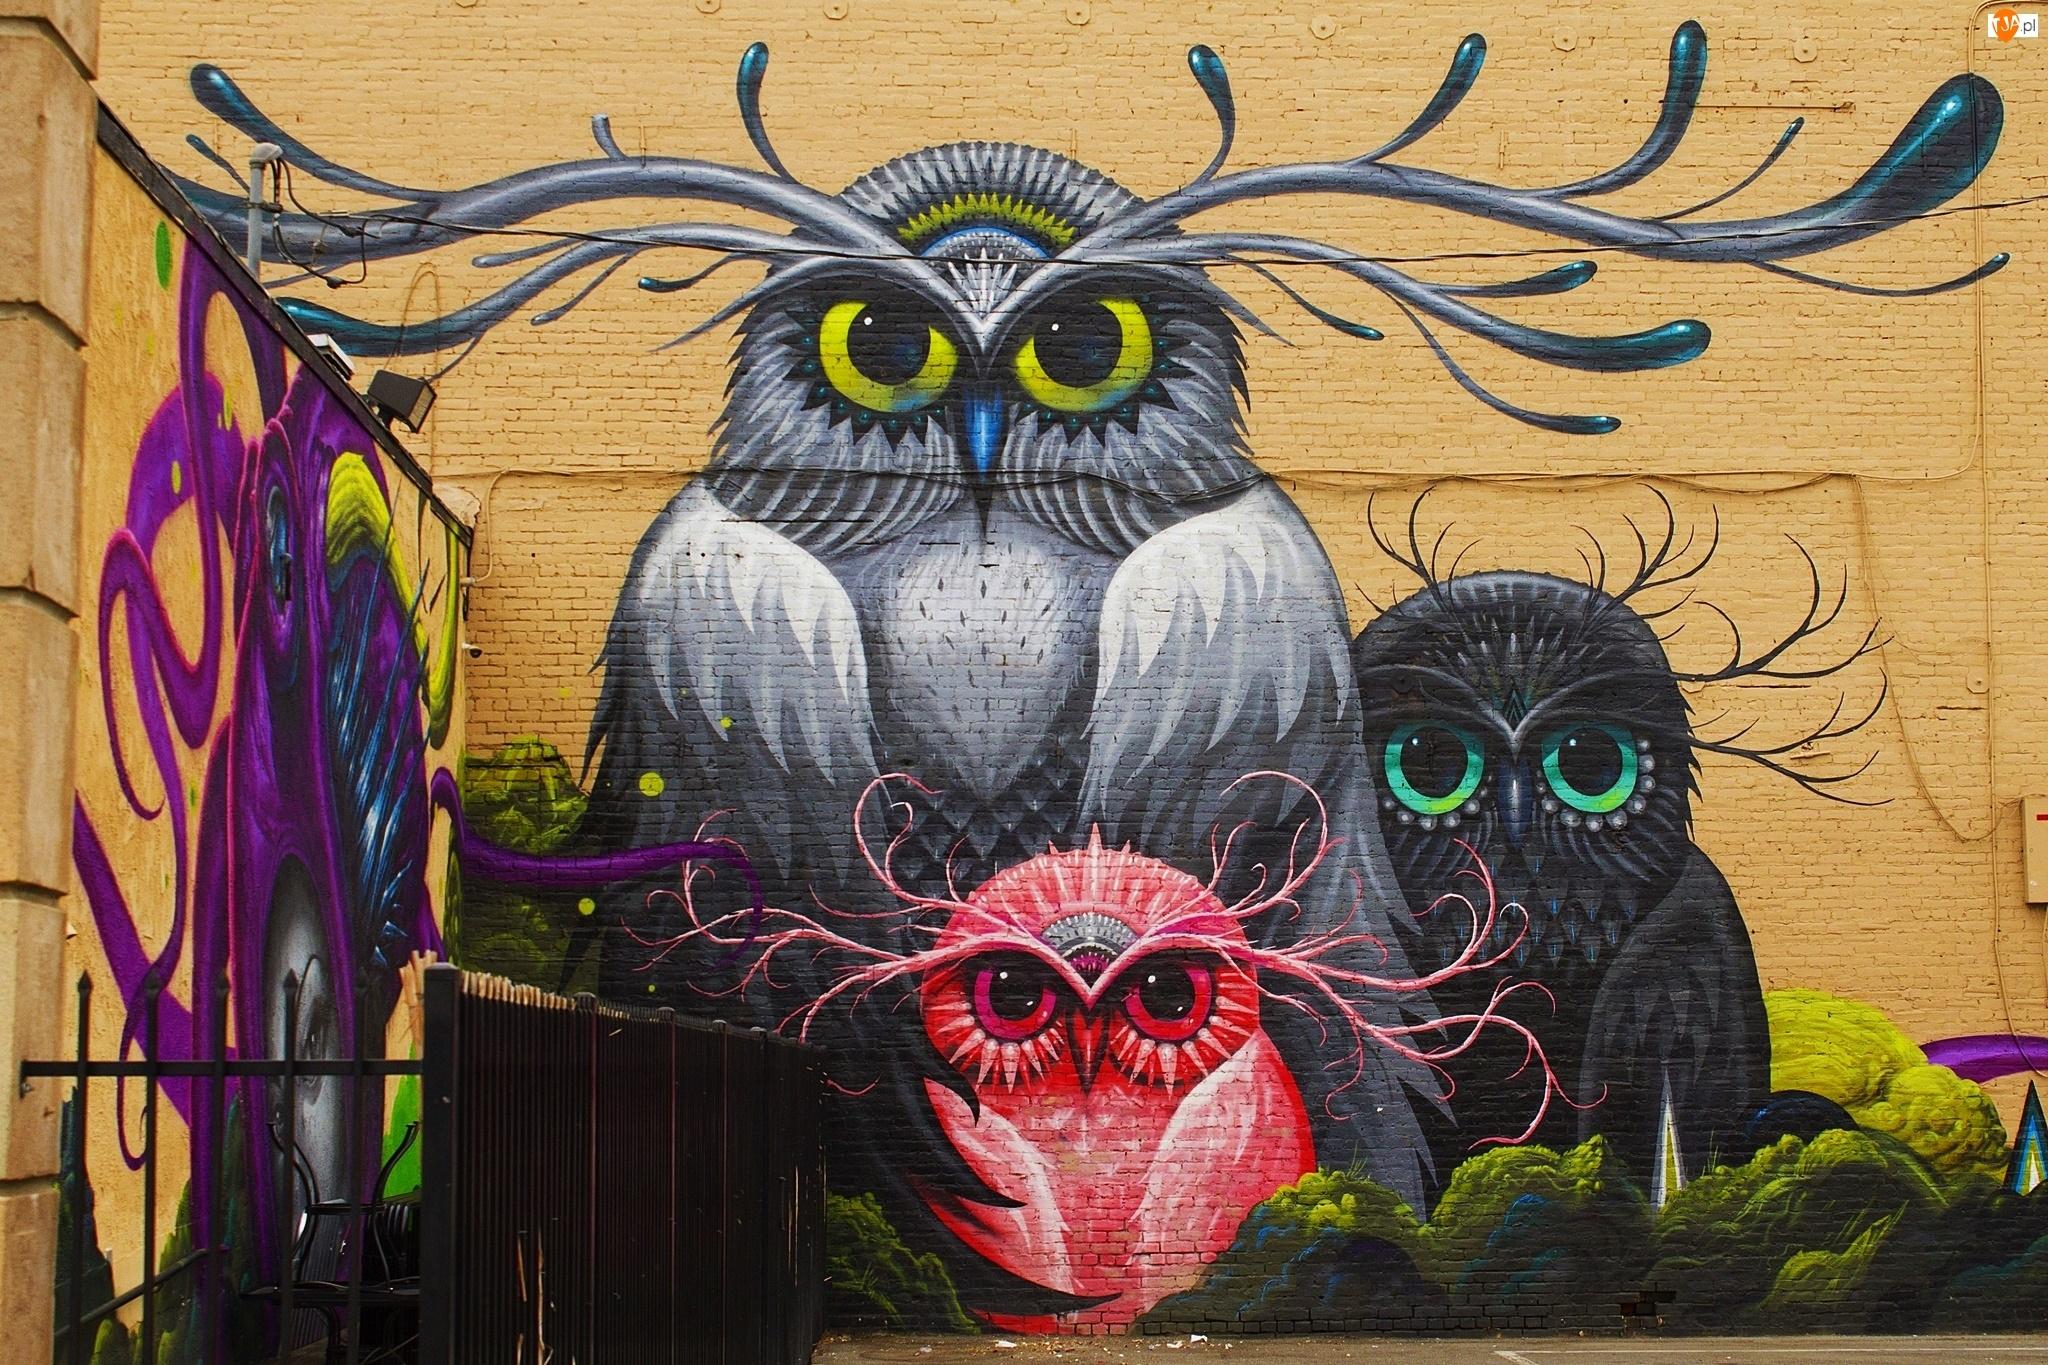 Street art, Kolorowe, Sowy, Mural